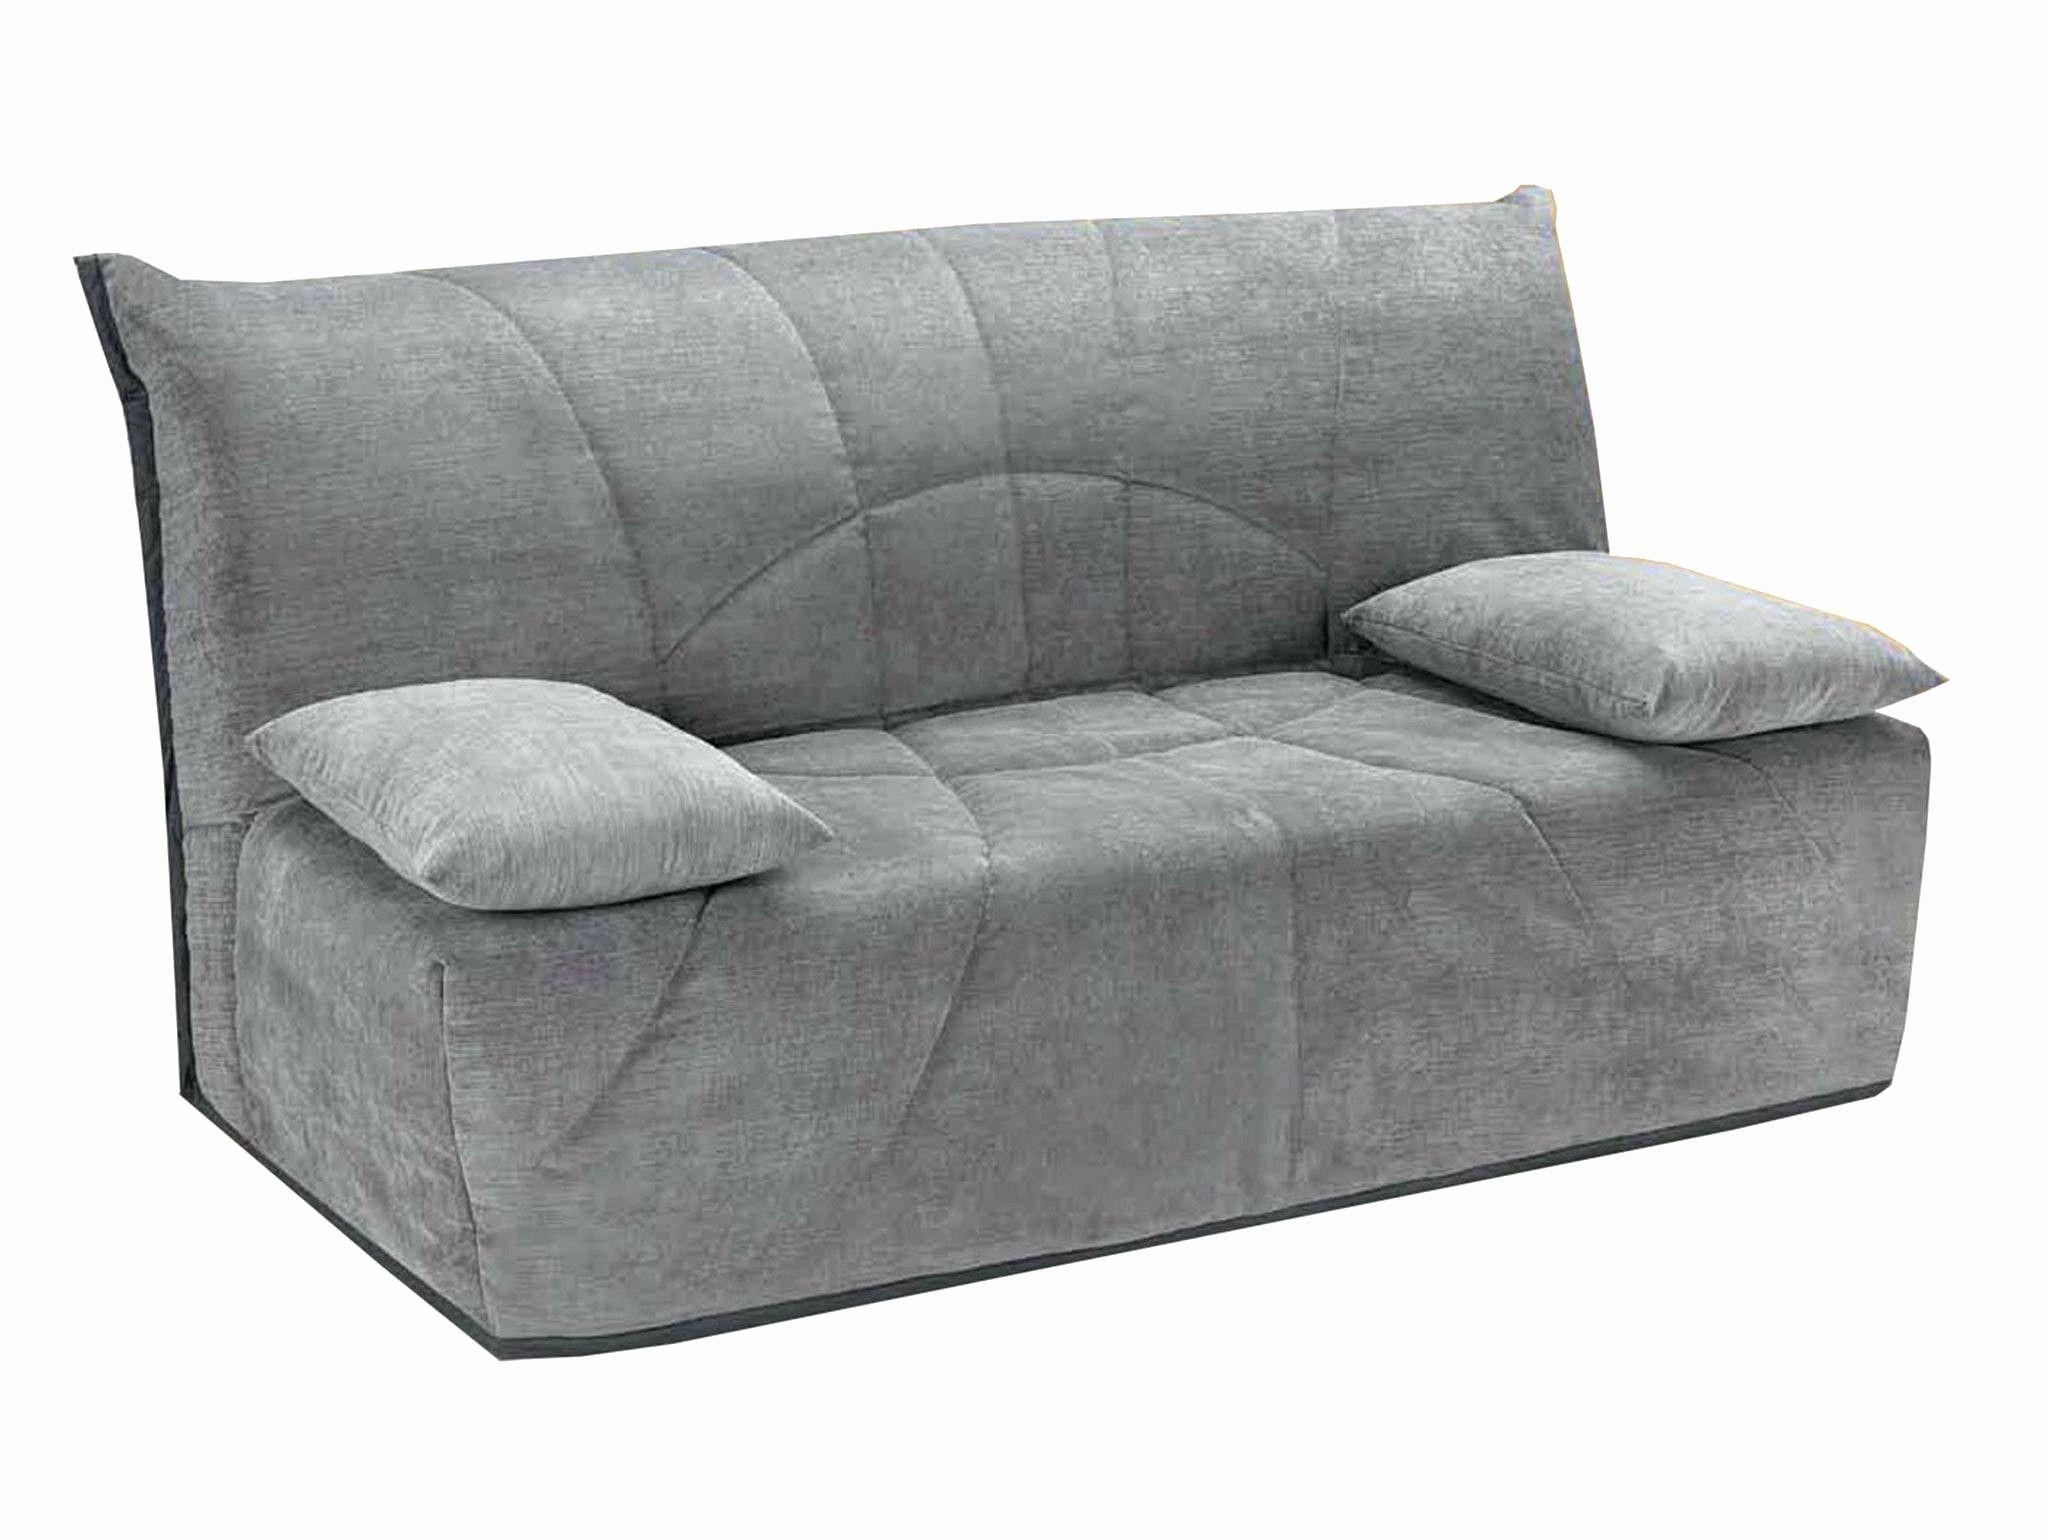 Fresh Fauteuil Lit Pliant | Ikea Sofa Bed Cover, Ikea Sofa ... pour Housse Chauffeuse Conforama